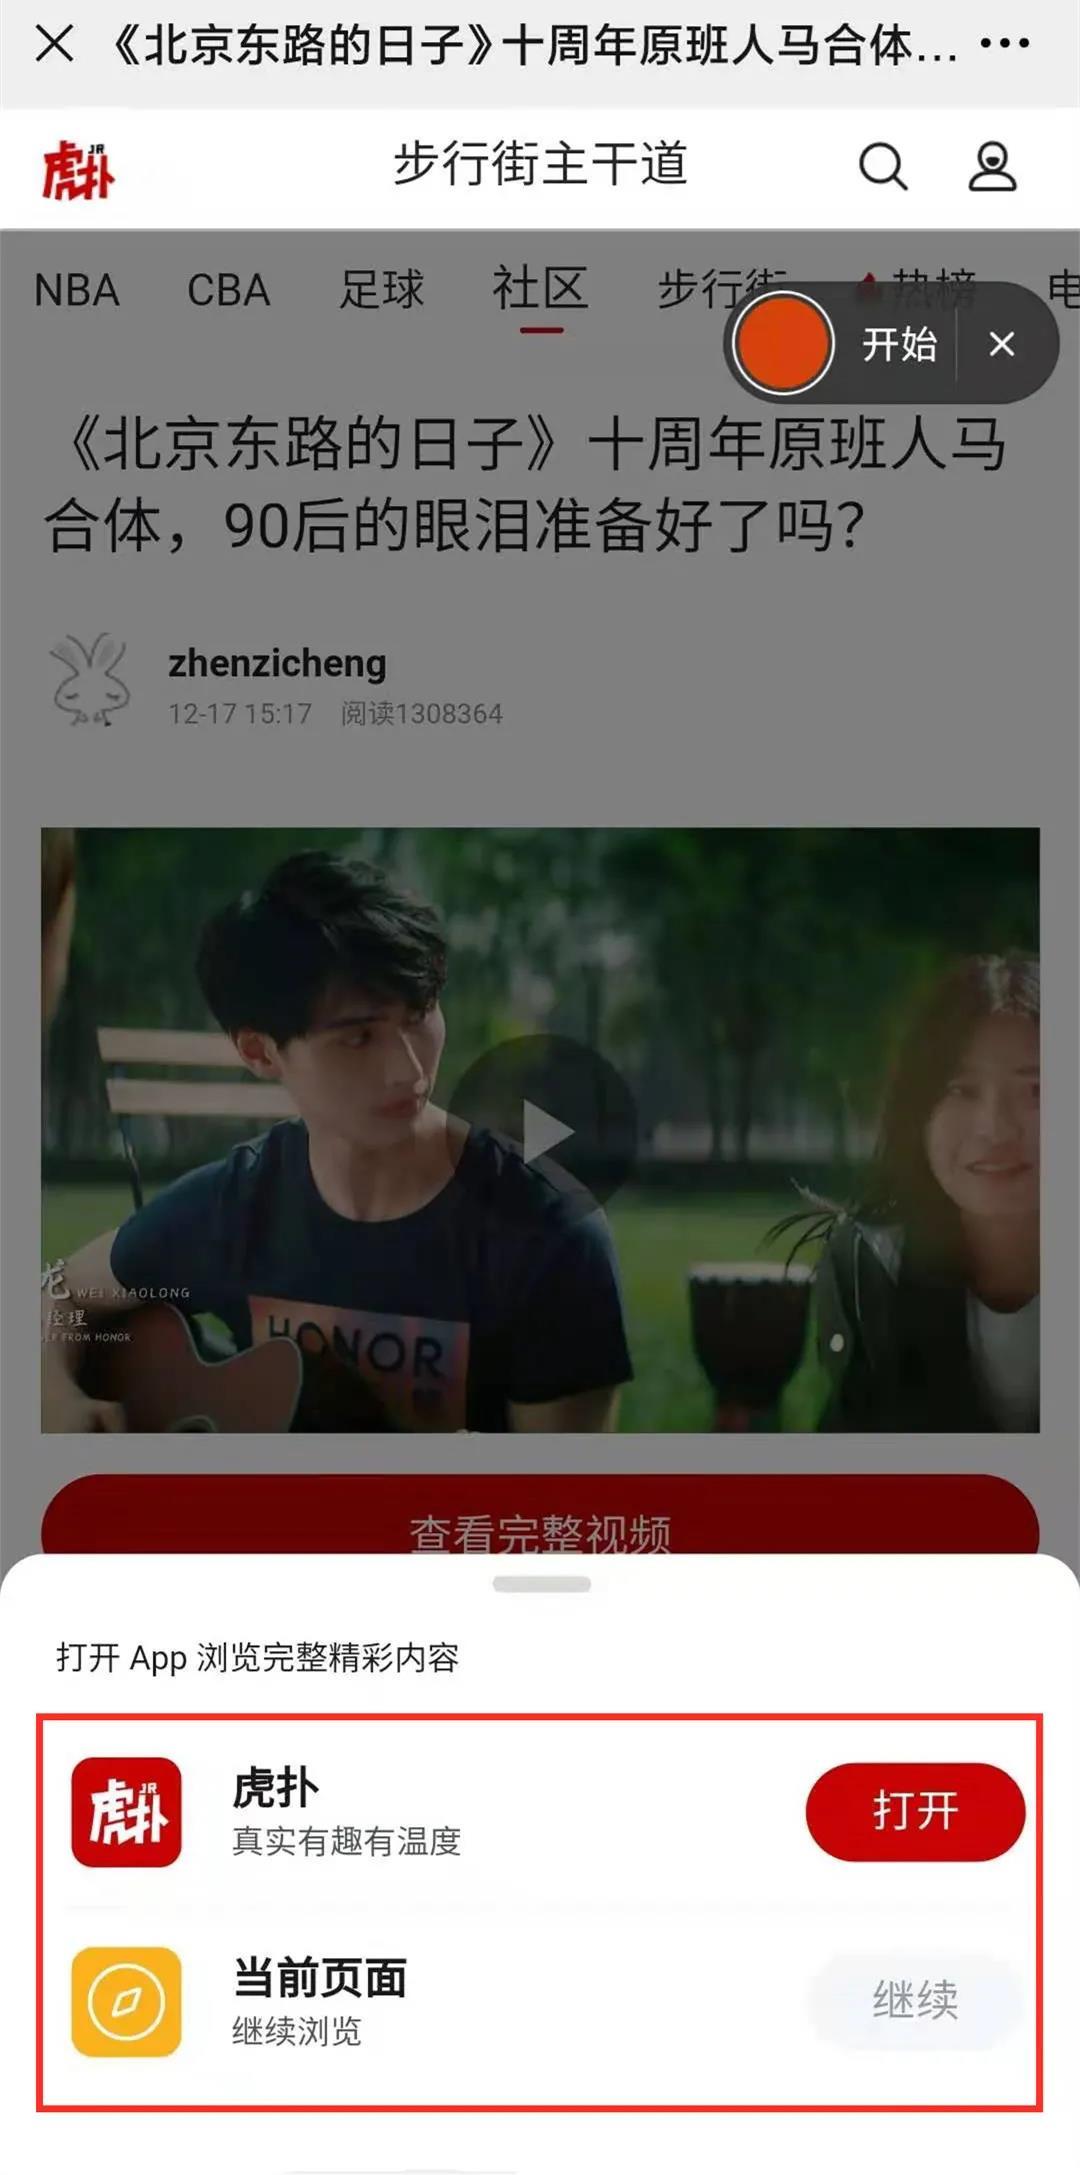 太狠了!腾讯:我疯起来连我自己都打!微信宣布封杀QQ音乐/拼多多等域名链接